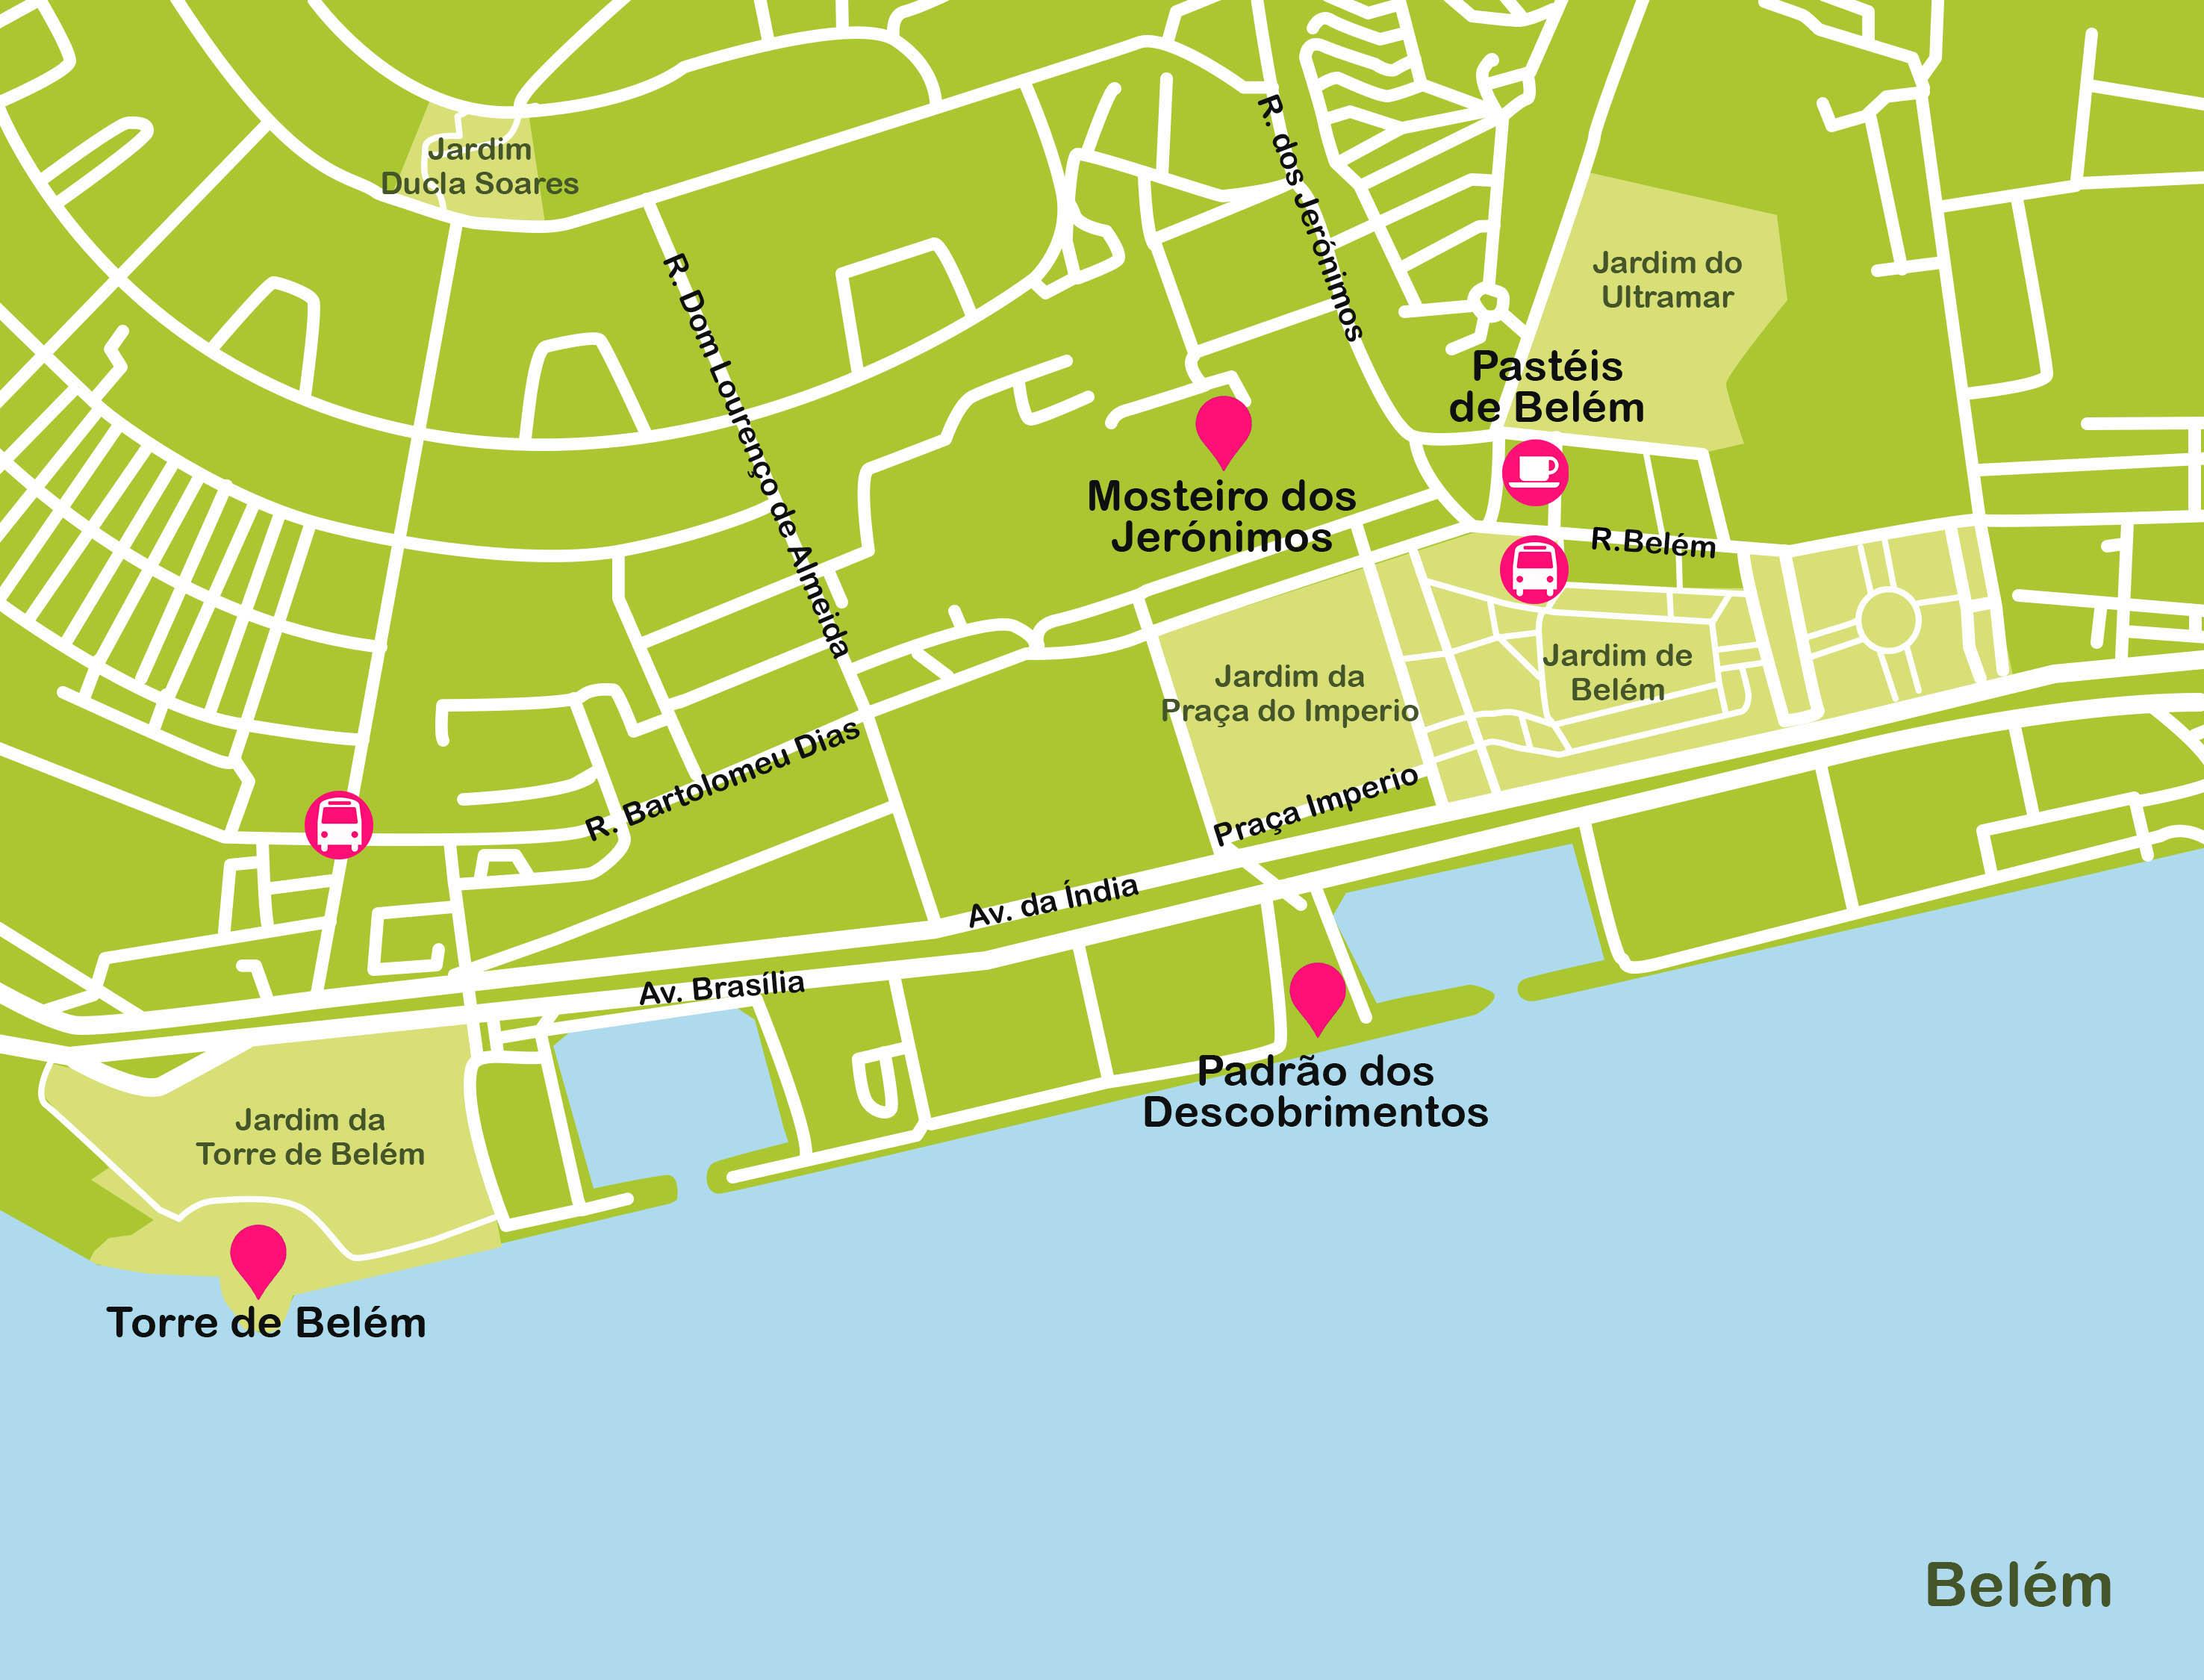 Mapa de Lisboa. Belém